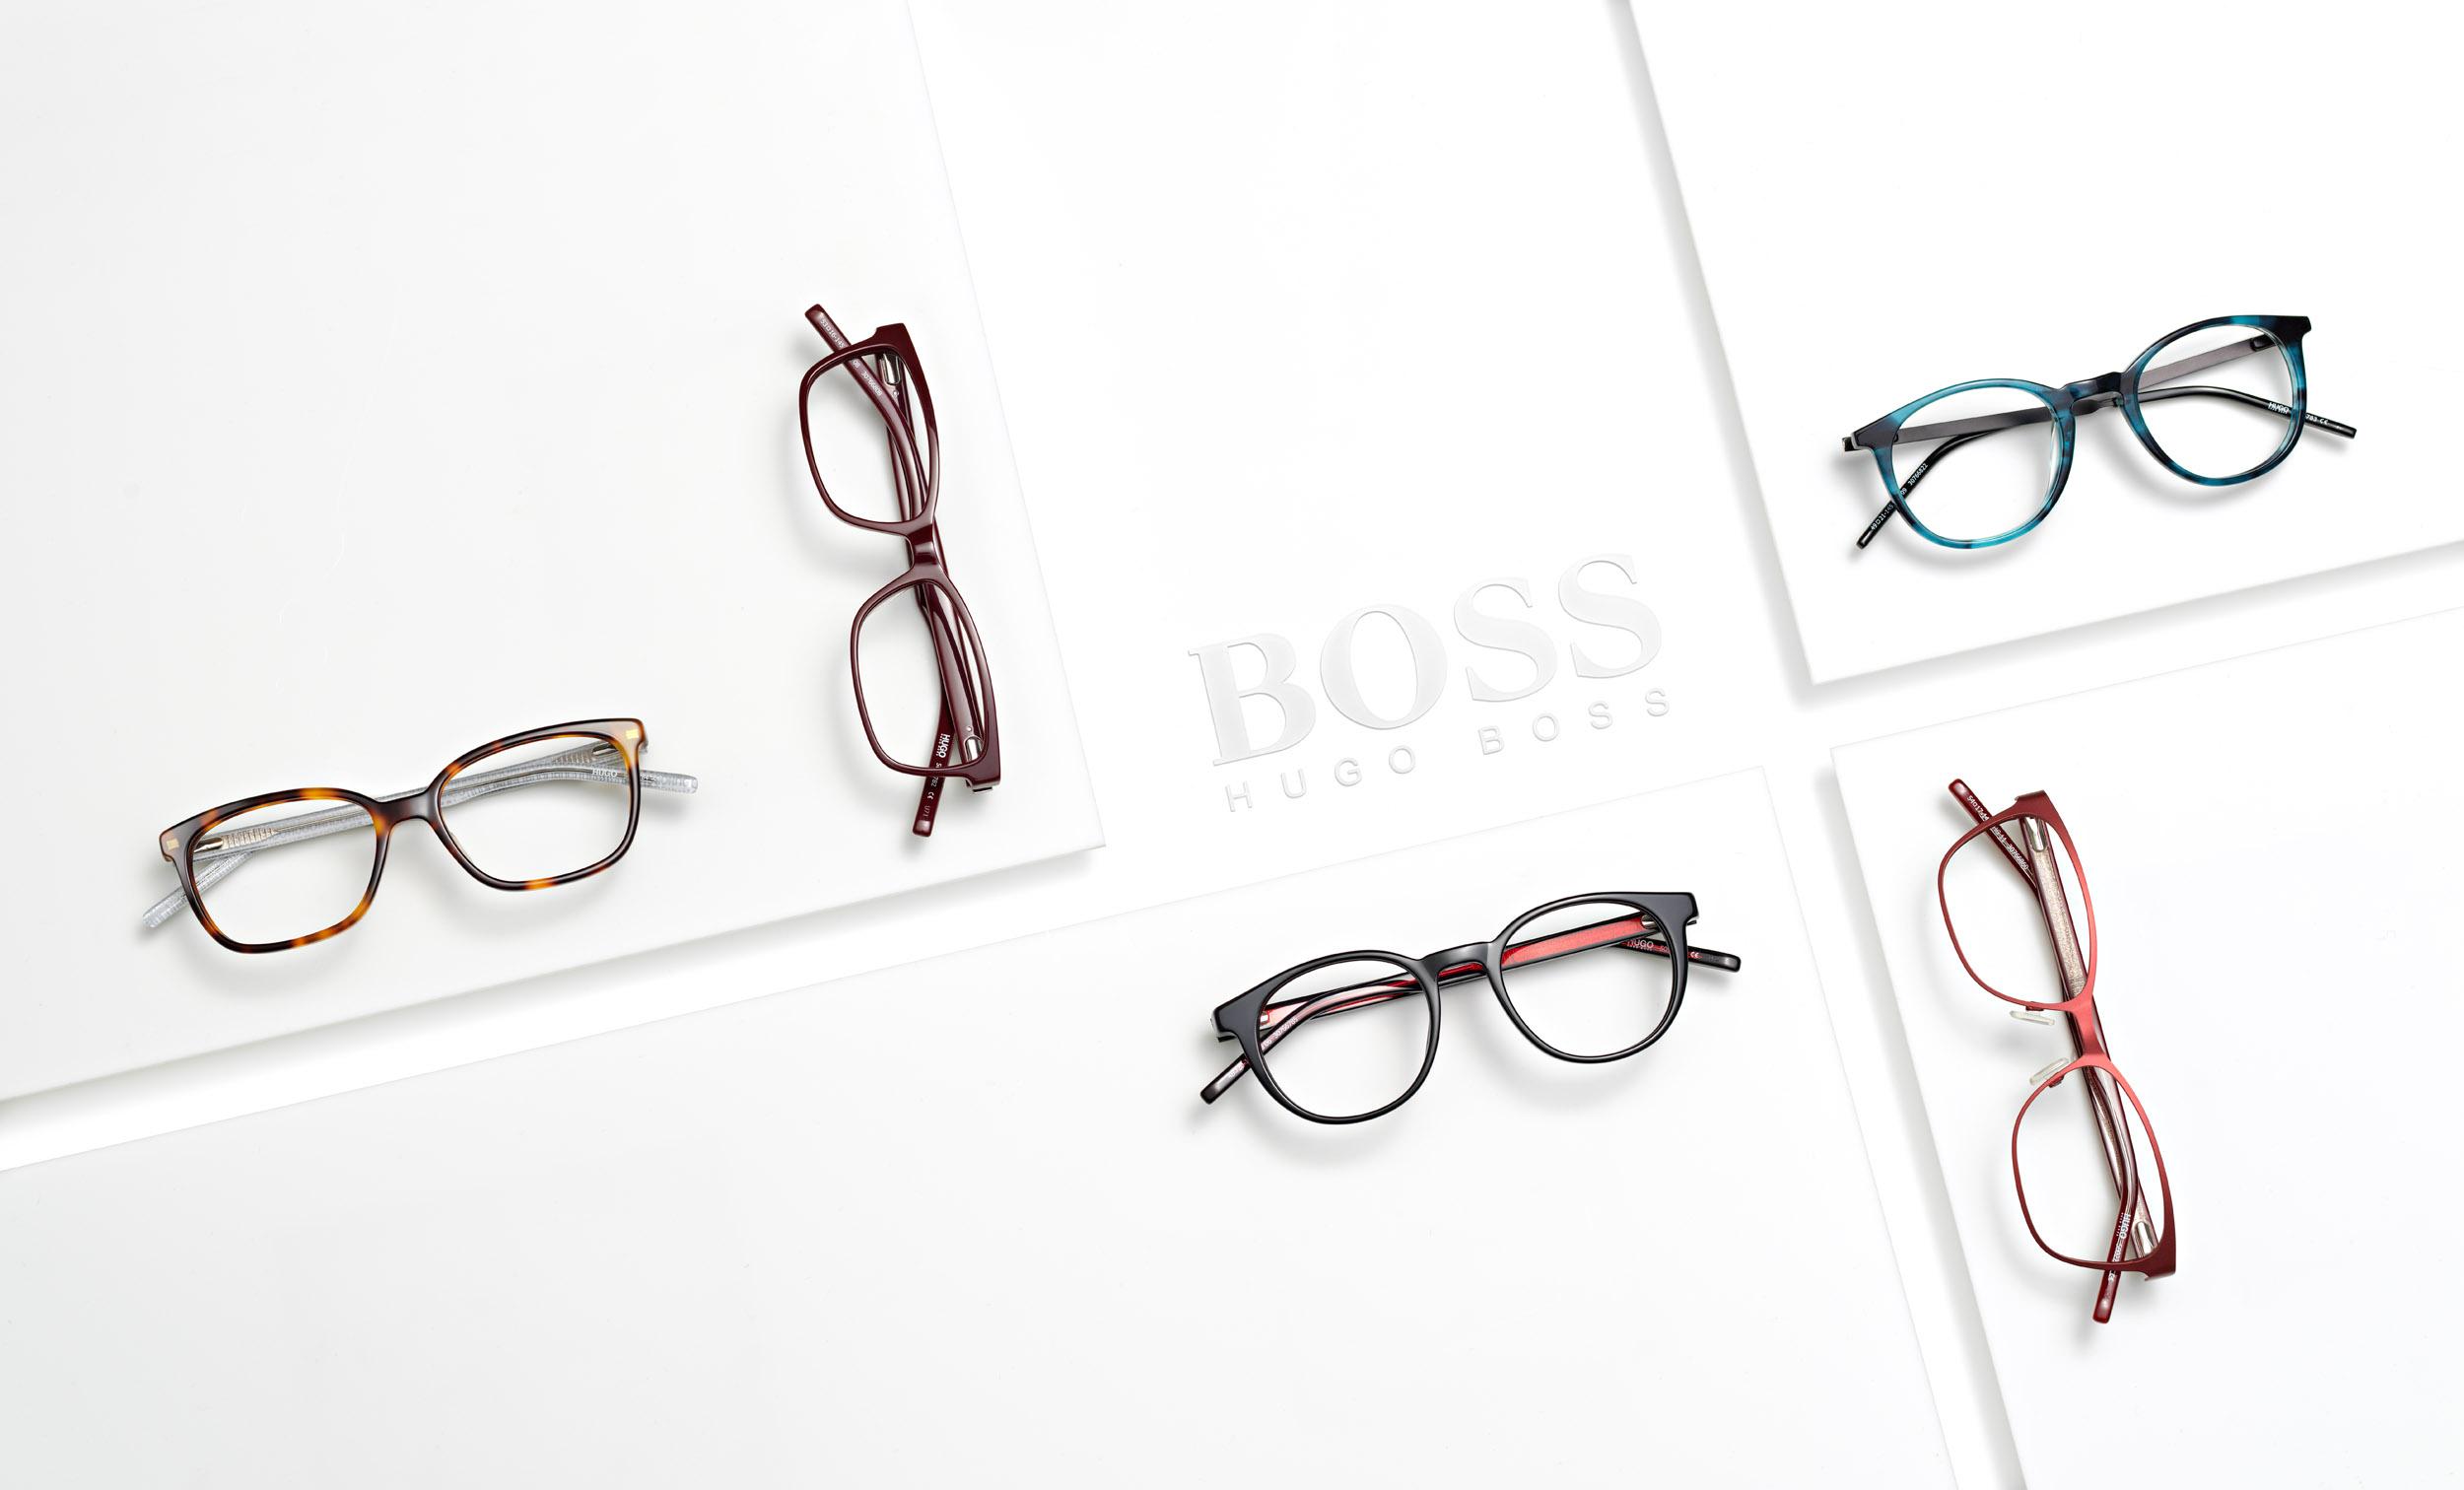 Boss_glasses.jpg